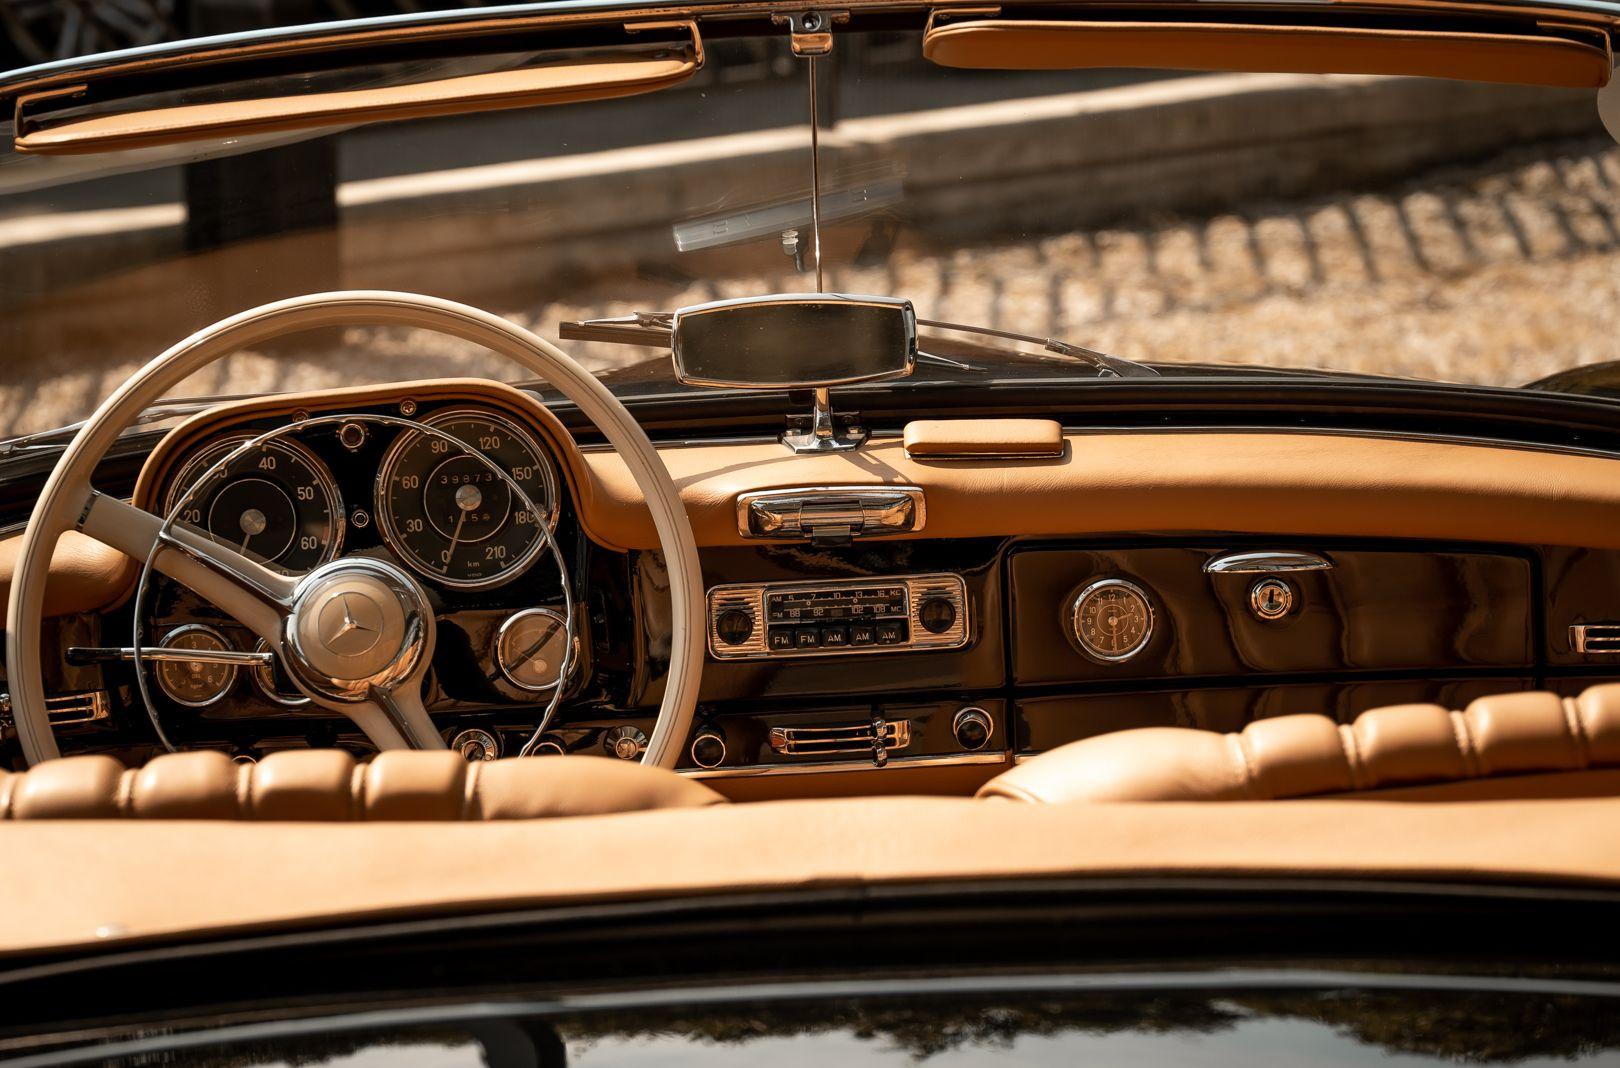 1961 Mercedes-Benz 190 SL 73859